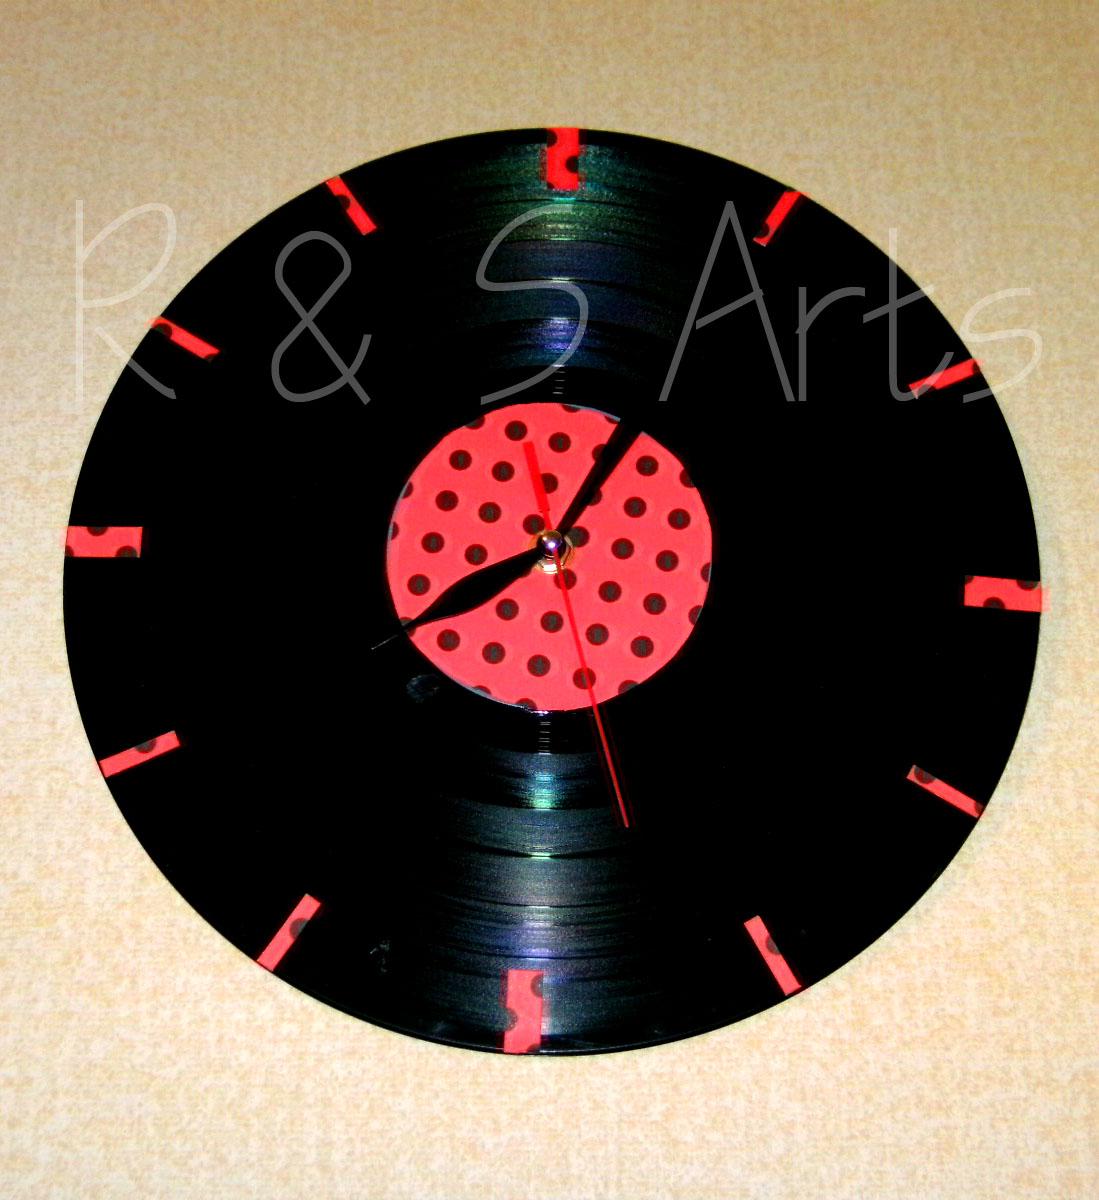 R s arts reloj vinilo - Relojes de vinilo ...